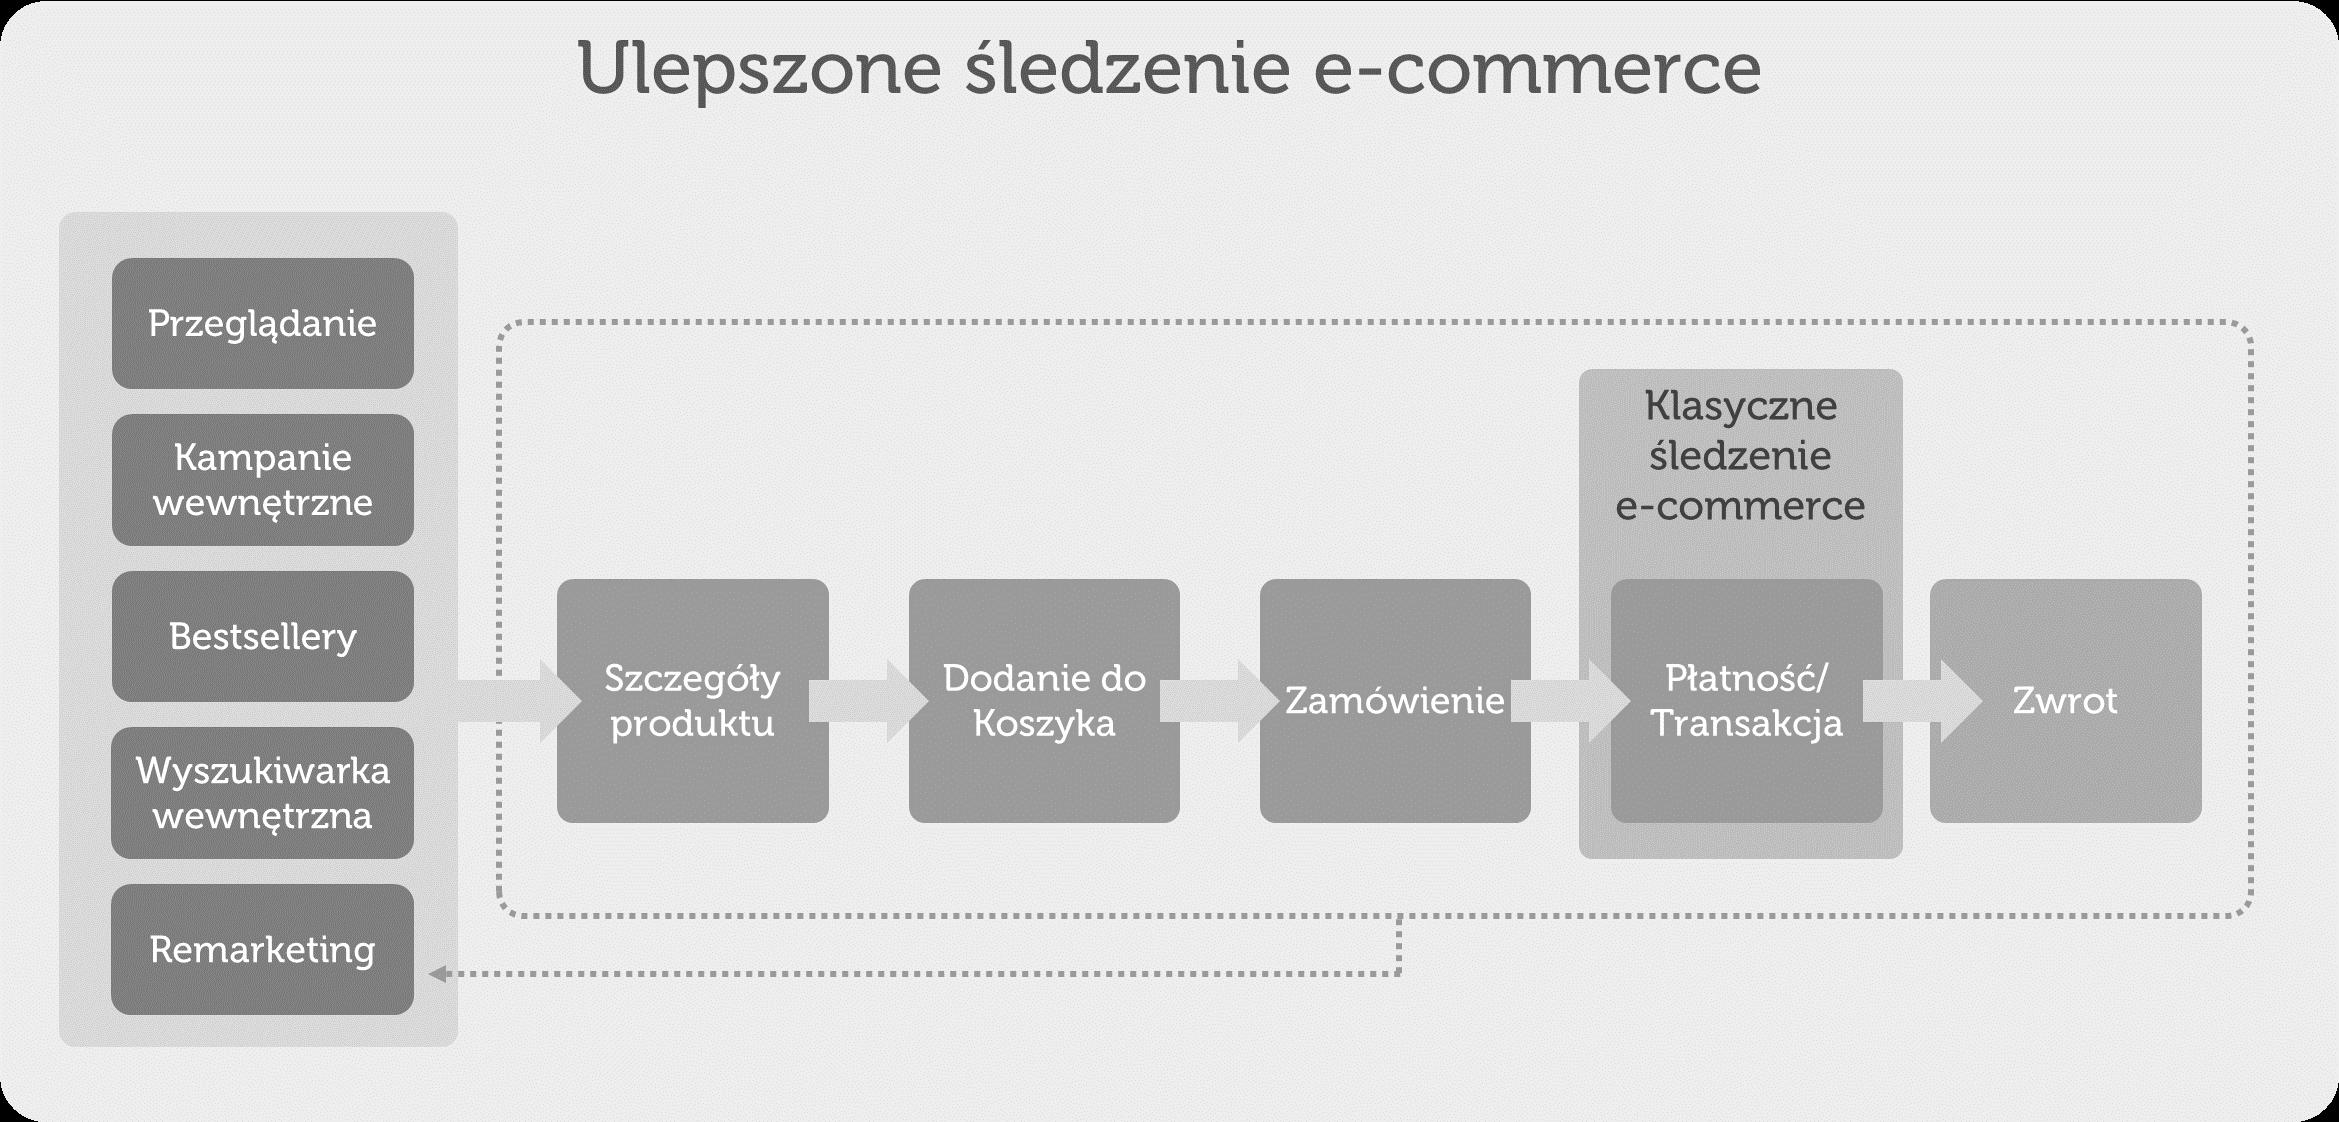 ulepszone śledzenie e-commerce